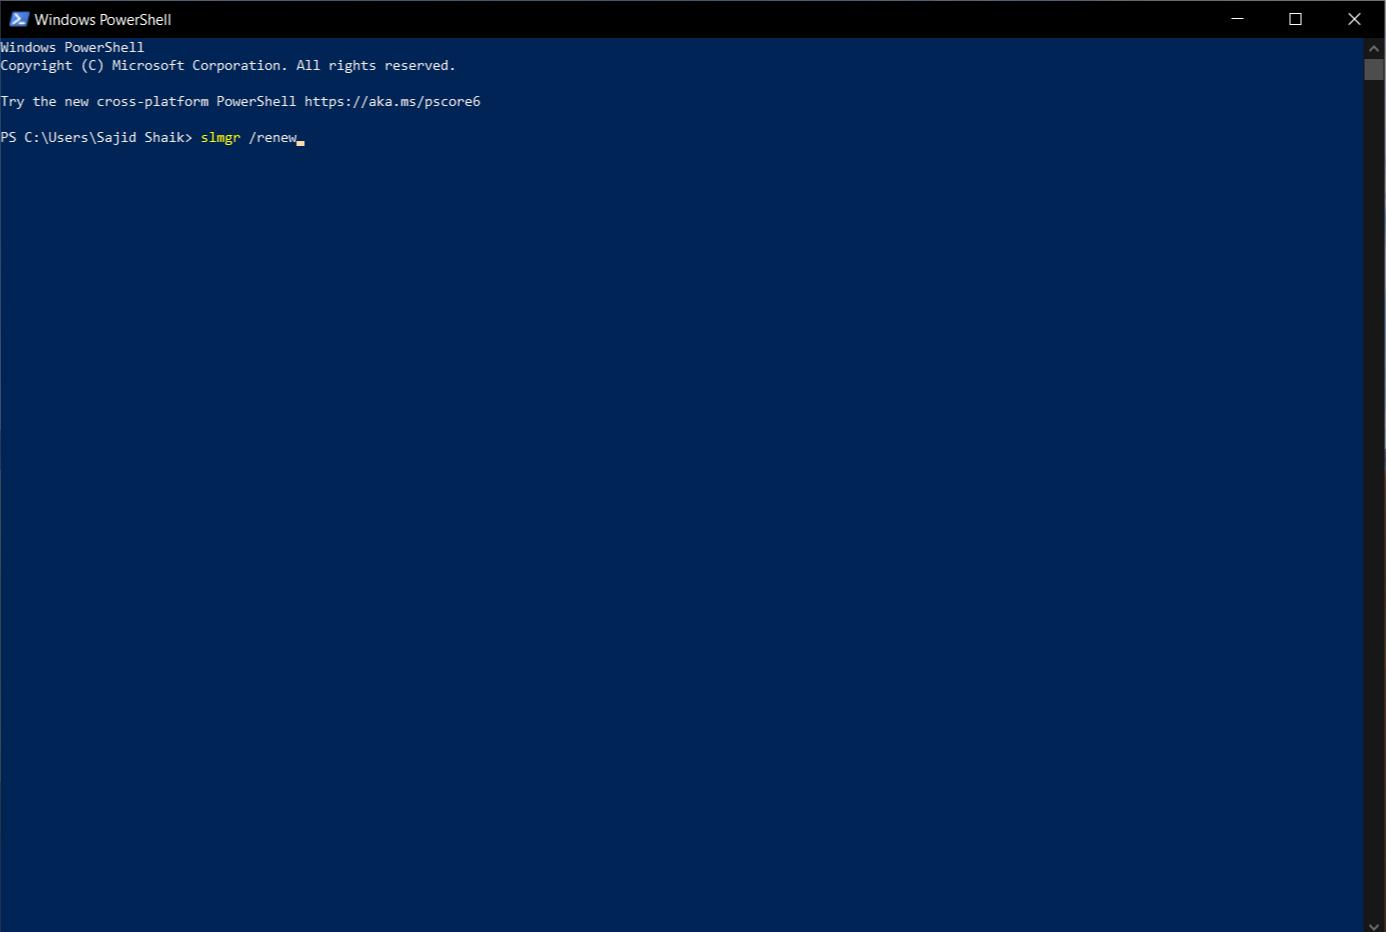 Remove Actiave Windows watermark using PowerShell